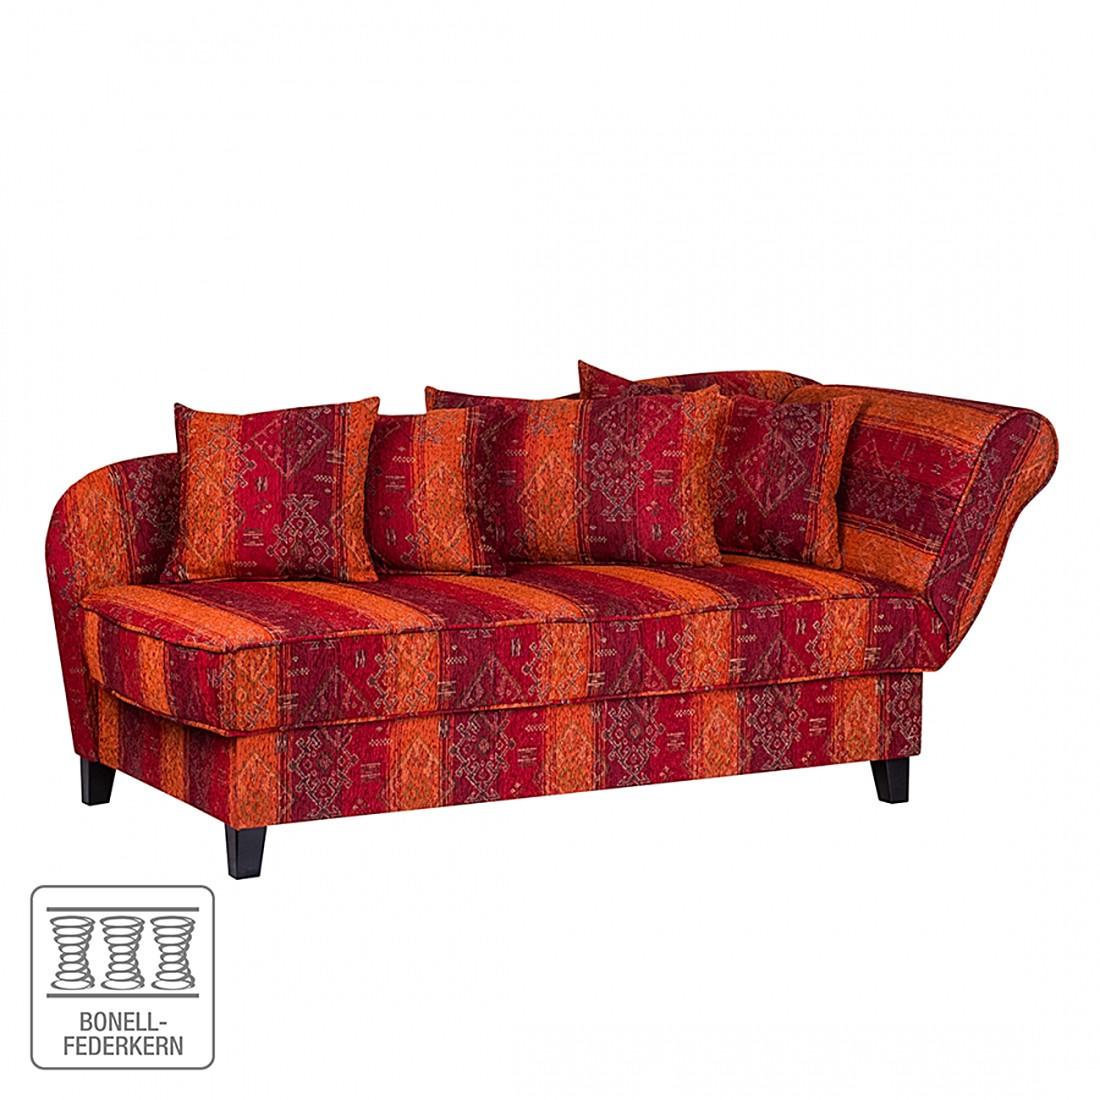 goedkoop Chaise longue Adelaide rode geweven stof armleuningen vooraanzicht rechts Maison Belfort